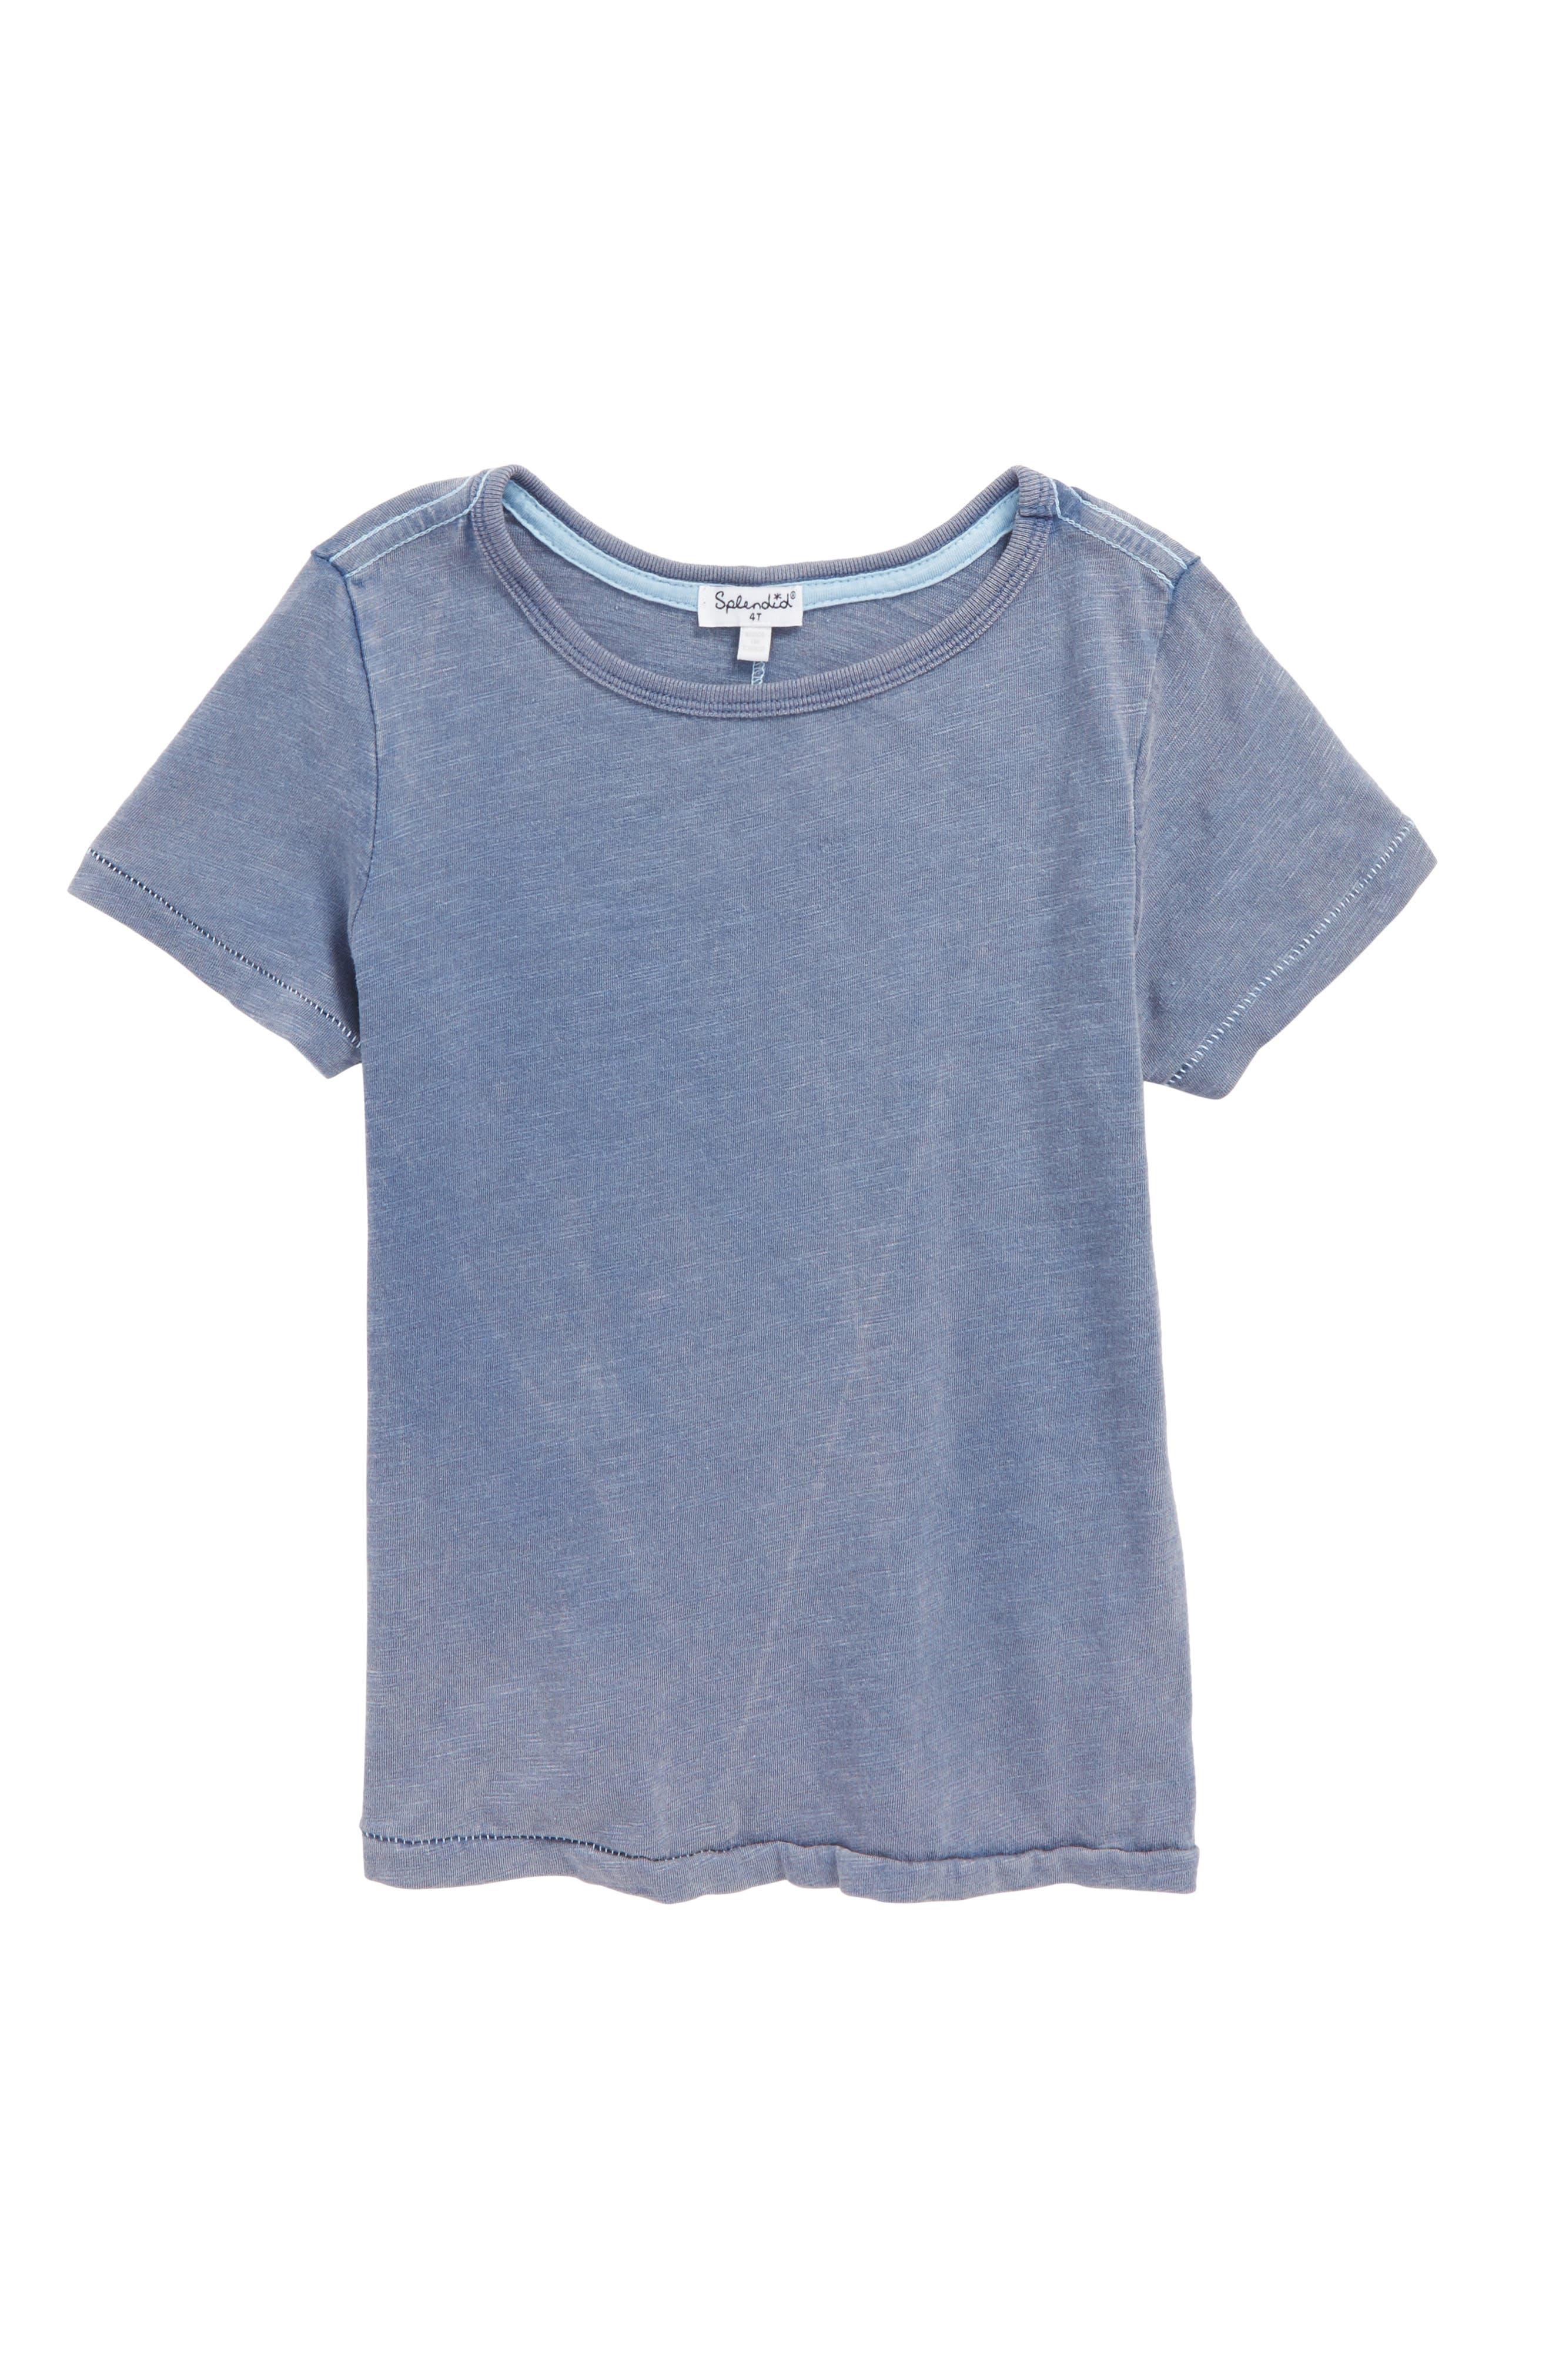 Washed Slub Jersey T-Shirt,                             Main thumbnail 1, color,                             Indigo Fade